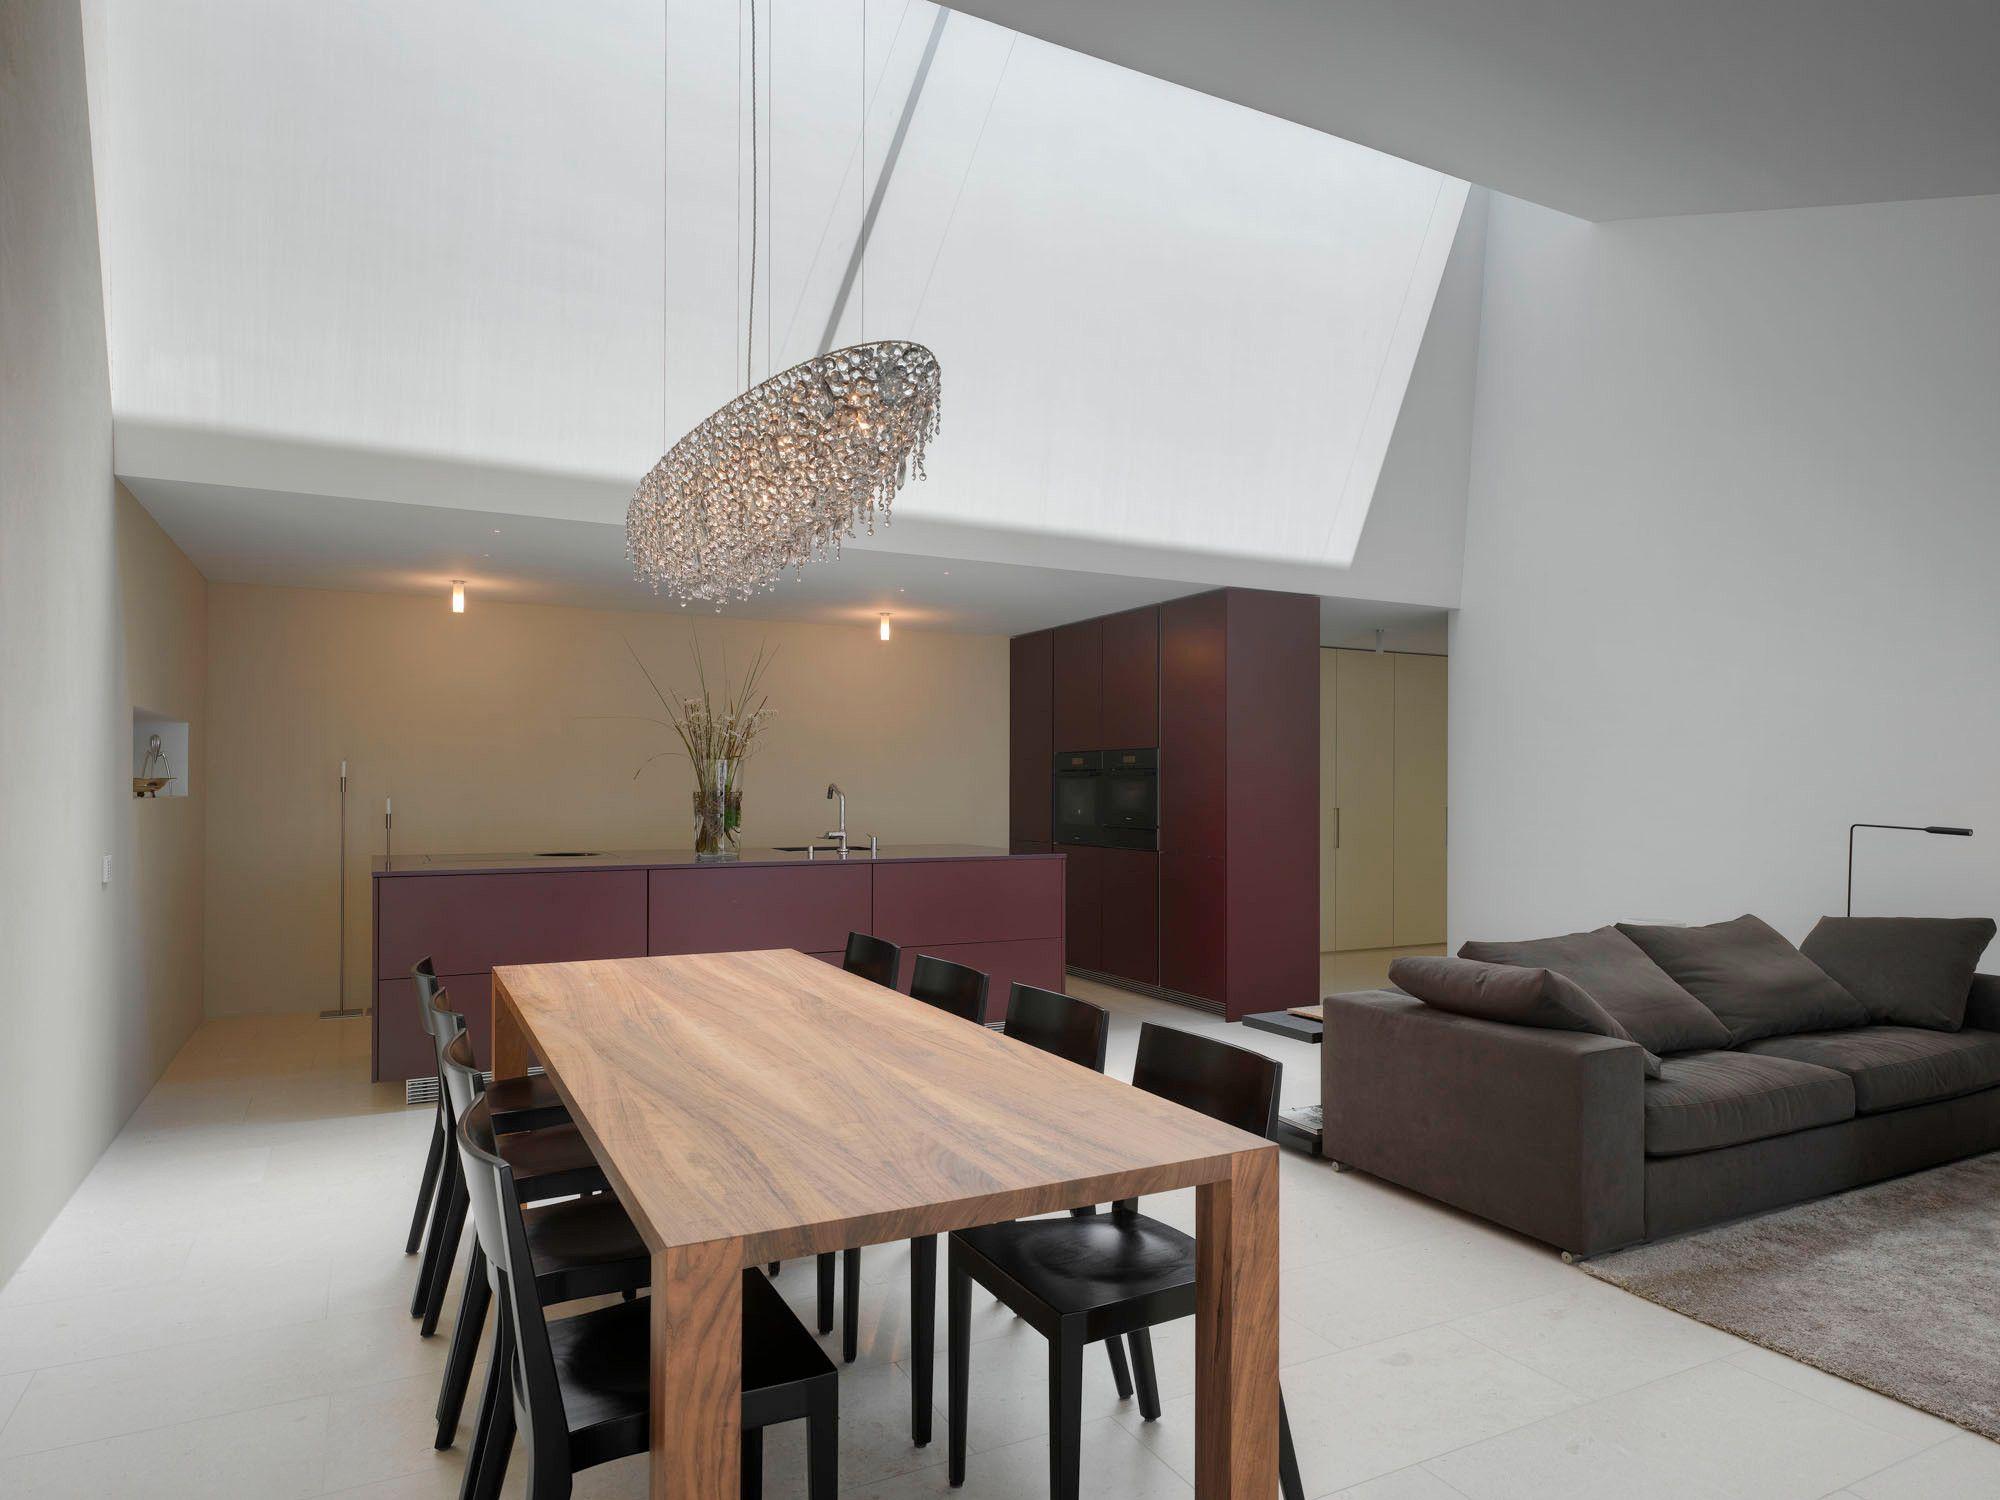 Fabulous Edles Wohnzimmer mit offener Designerk che dachschr ge hoher raum